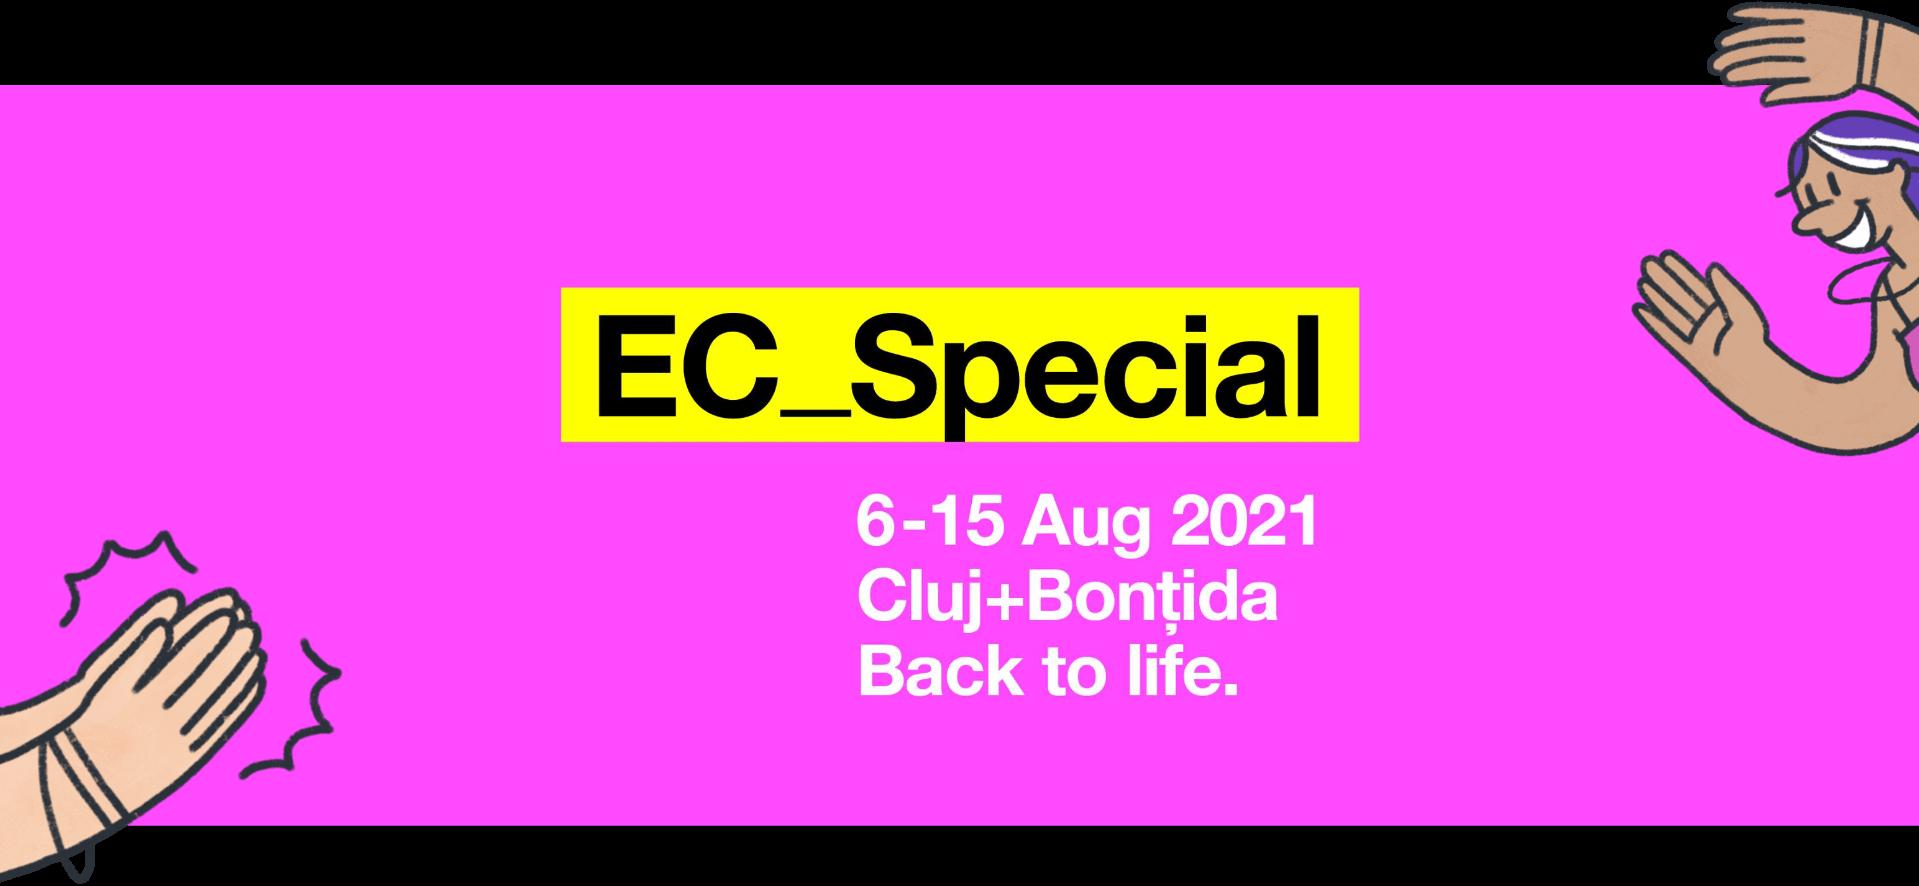 EC_Special 6-15 Aug 2021 Cluj+Bonțida Back to life.